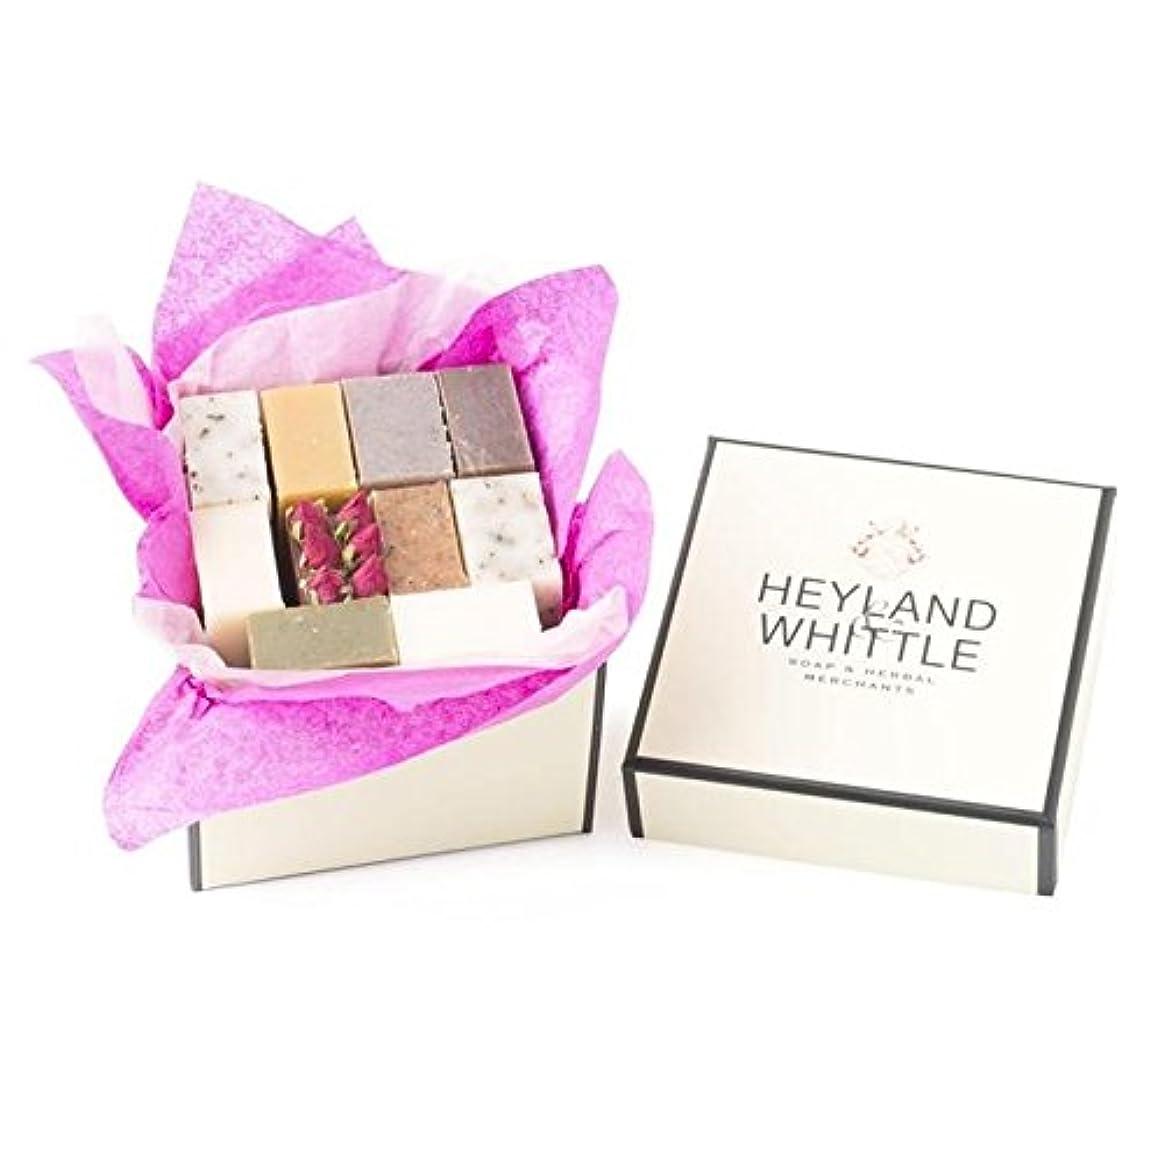 最も資本主義結び目Heyland & Whittle Soap Gift Box, Small - 小さな&削るソープギフトボックス、 [並行輸入品]